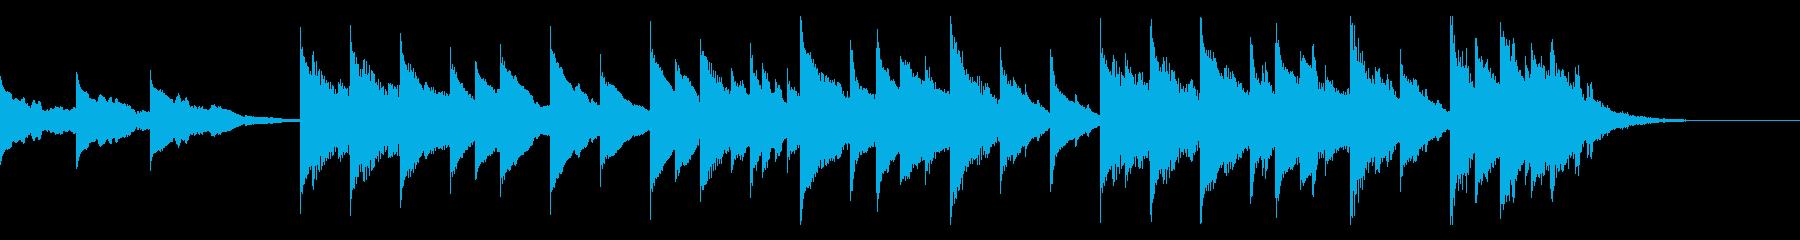 メロディックミニマルエレクトロニカの再生済みの波形